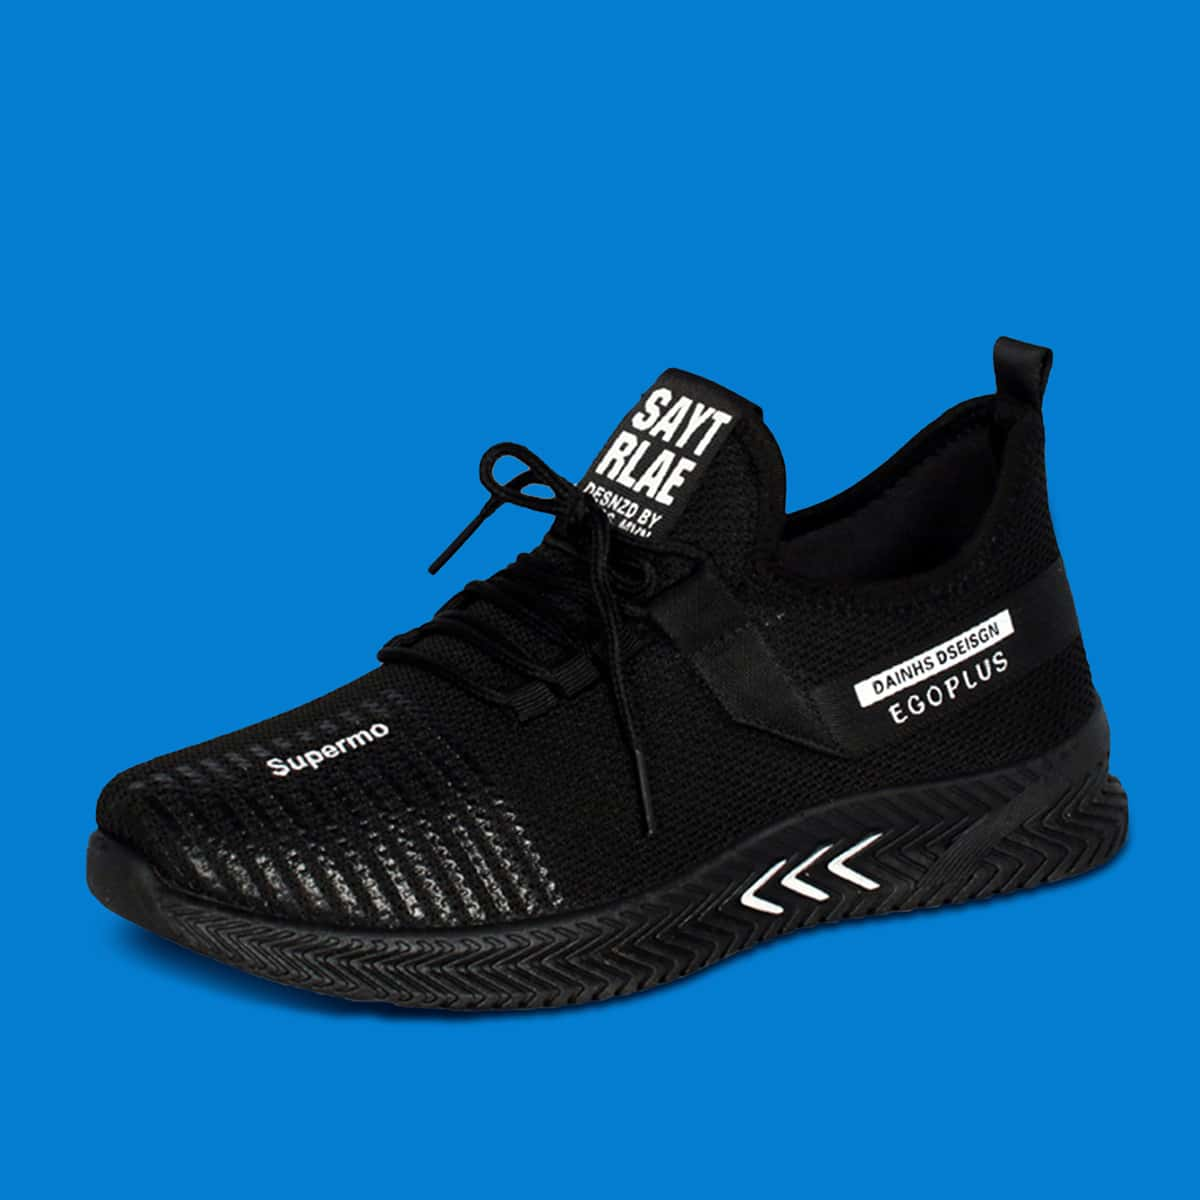 Мужские кроссовки на шнурках с текстовым принтом фото